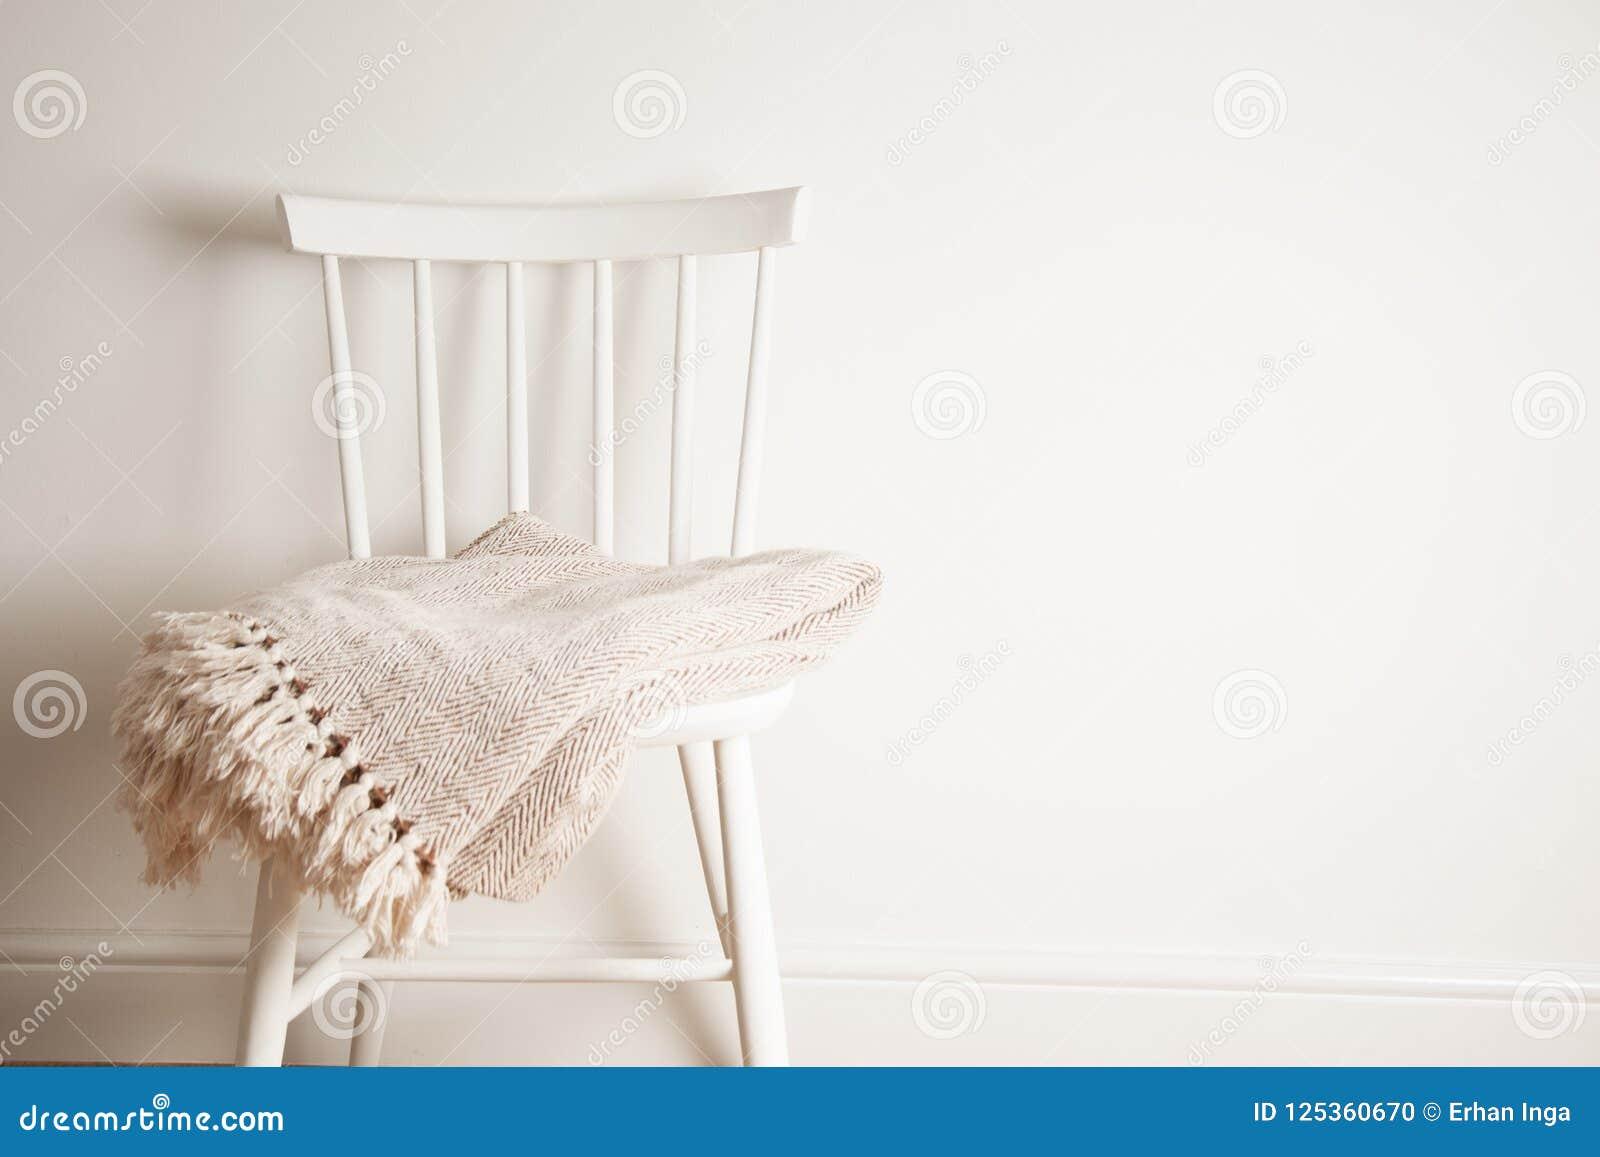 Bedspread lub koc na białym rocznika krześle, minimalistic styl housekeeping kosmos kopii